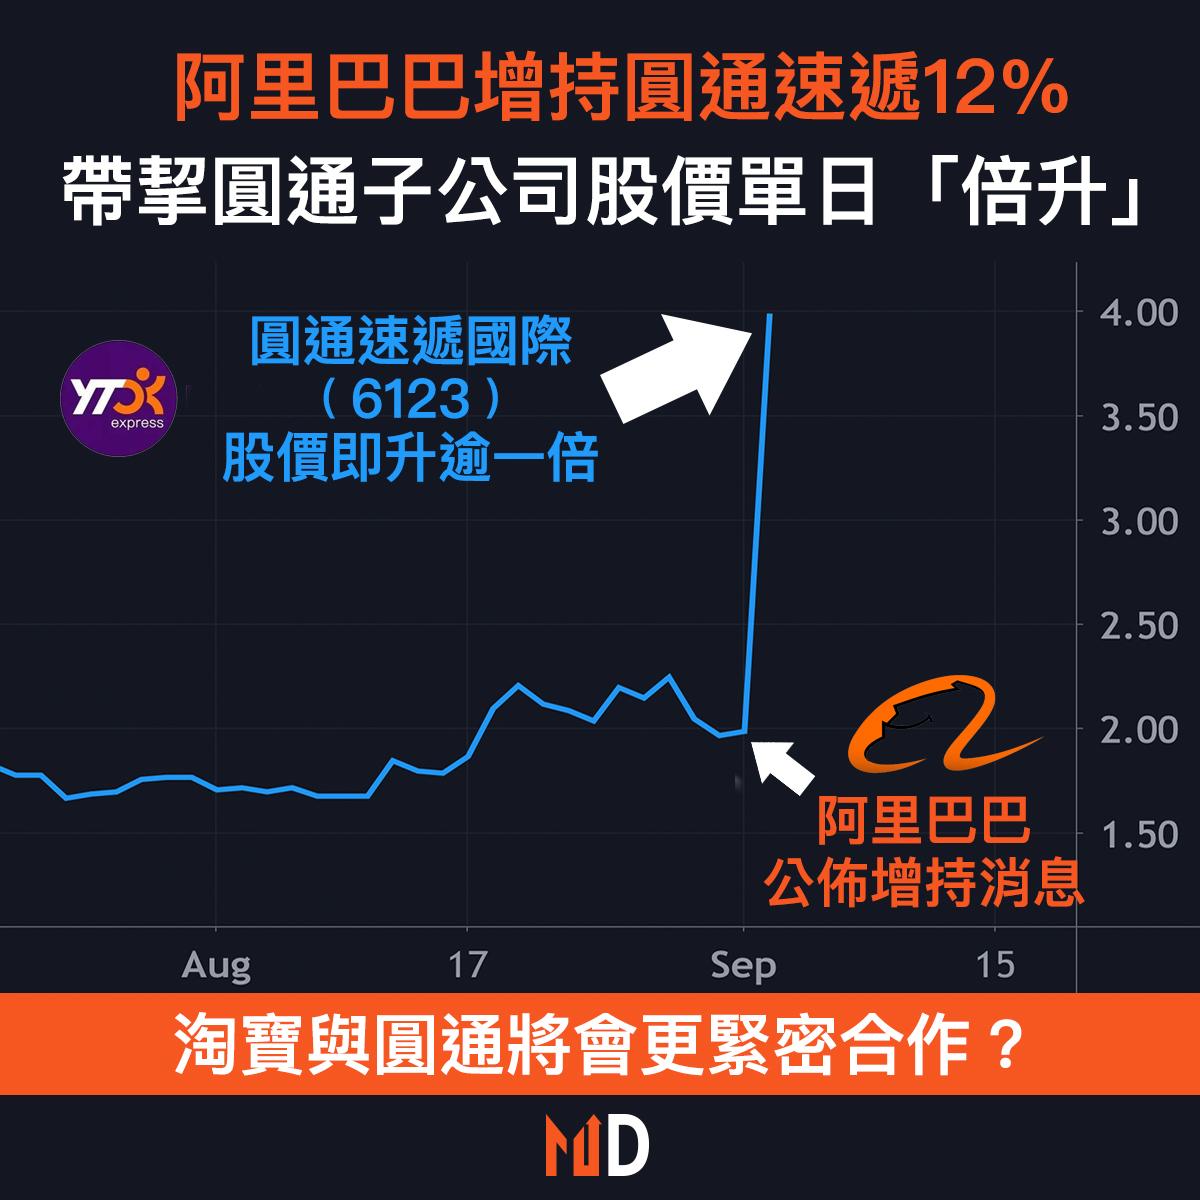 【圖解股市】阿里巴巴增持圓通速遞12%,帶挈圓通子公司股價單日「倍升」